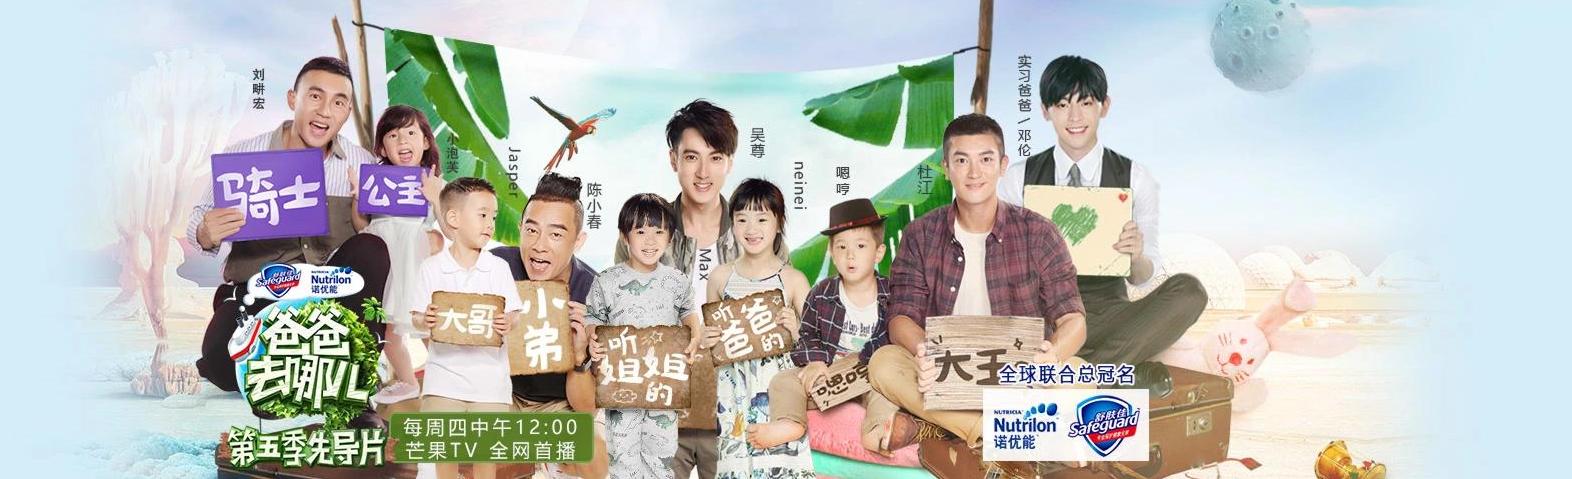 湖南卫视芒果TV《爸爸去哪儿第四季》